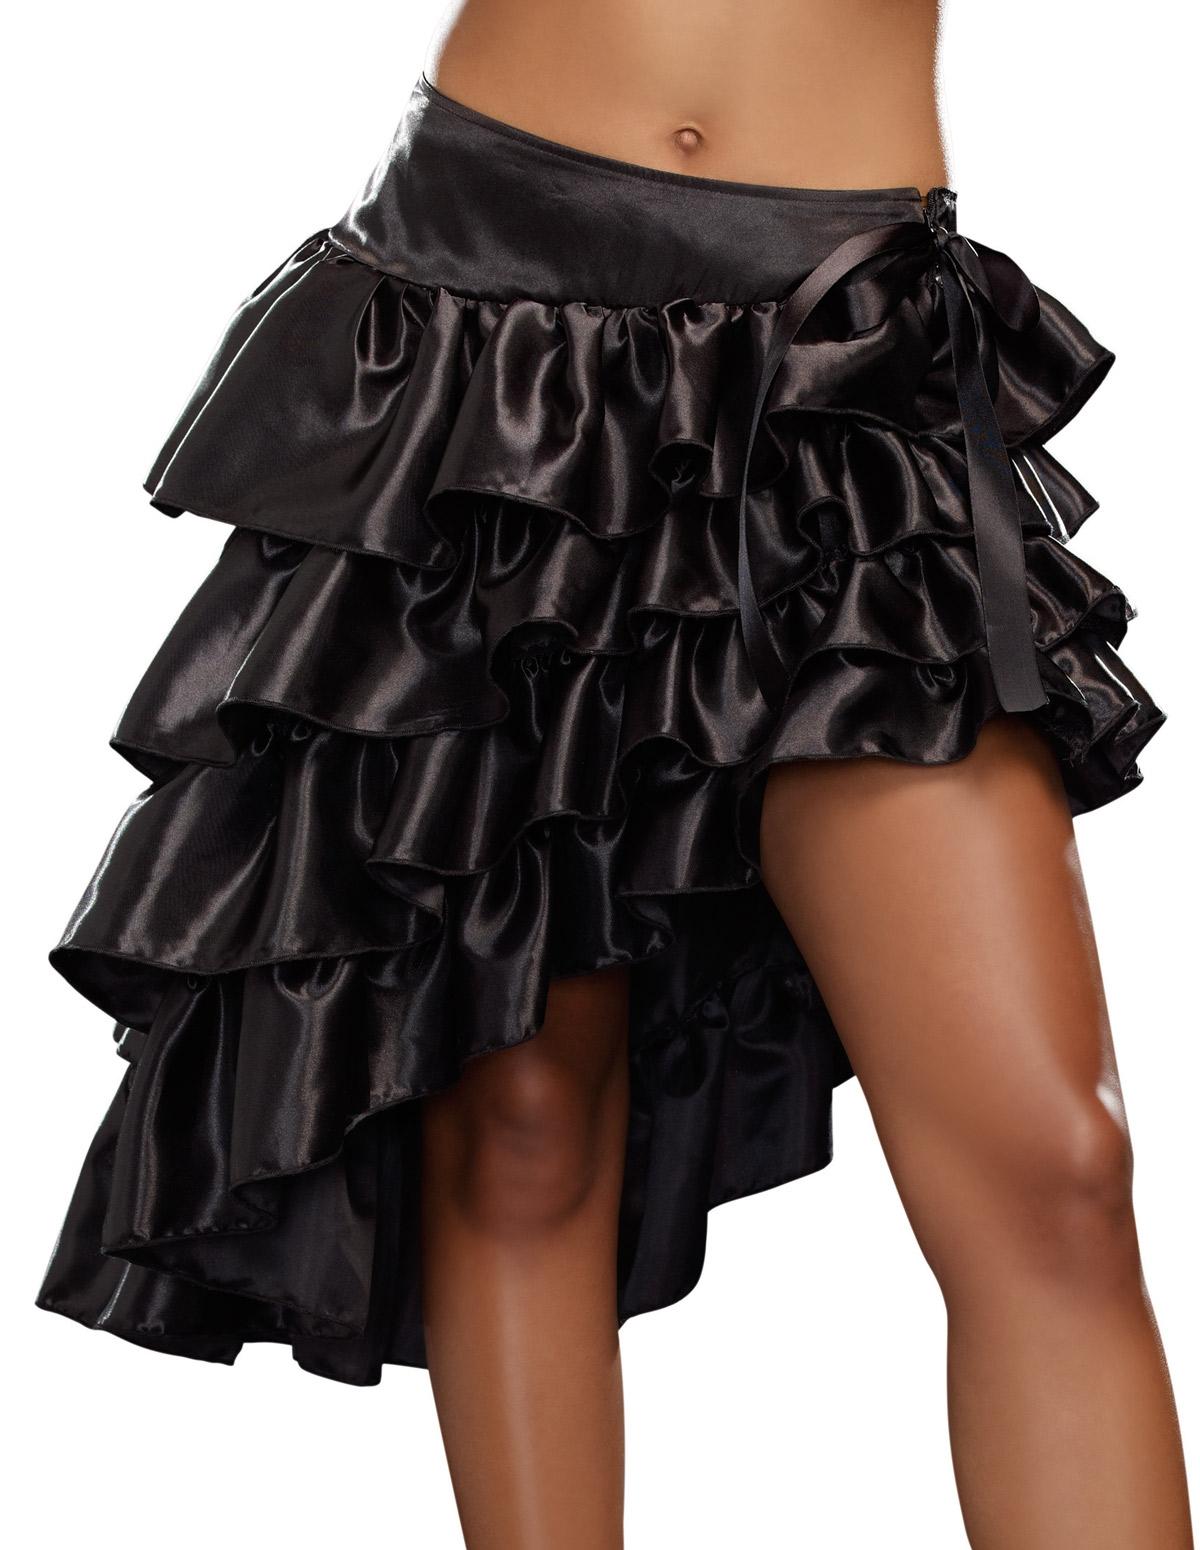 Ruffled Train Skirt